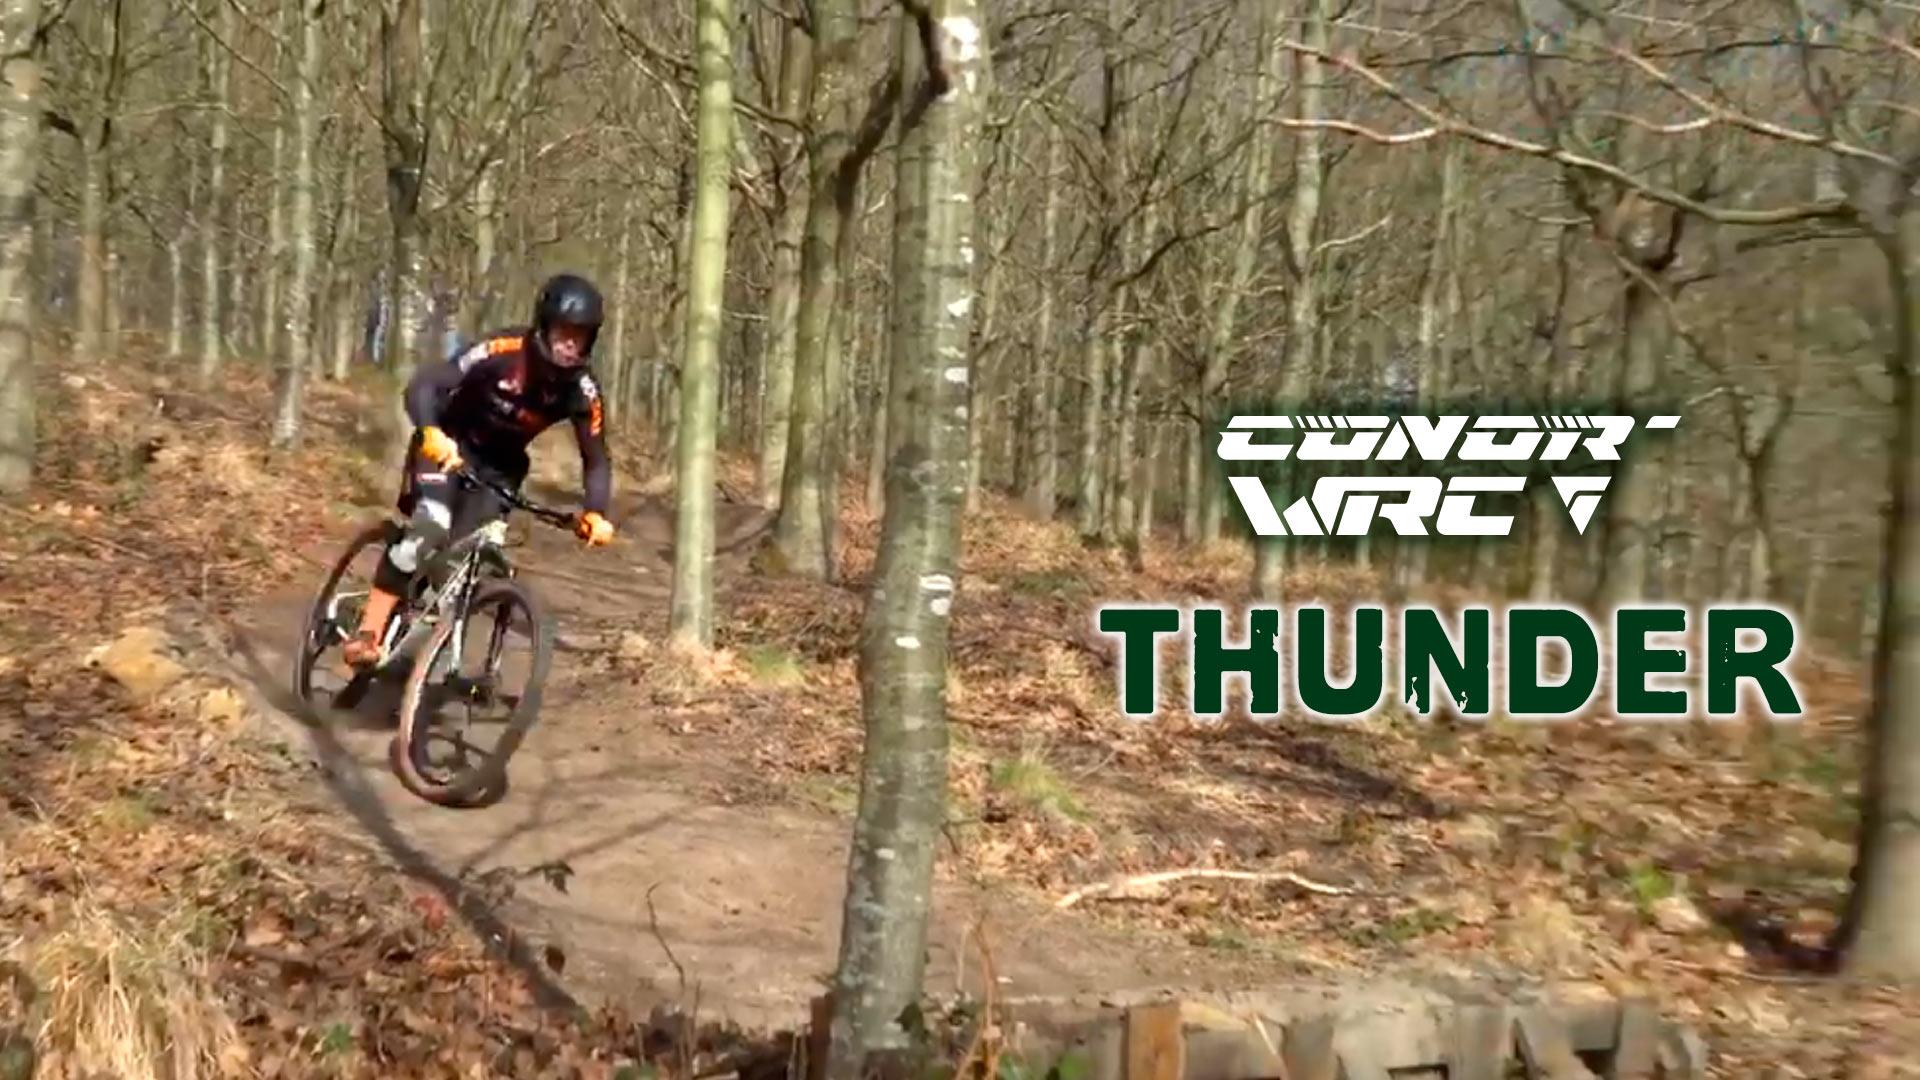 El más puro All Mountain con la CONOR WRC Thunder